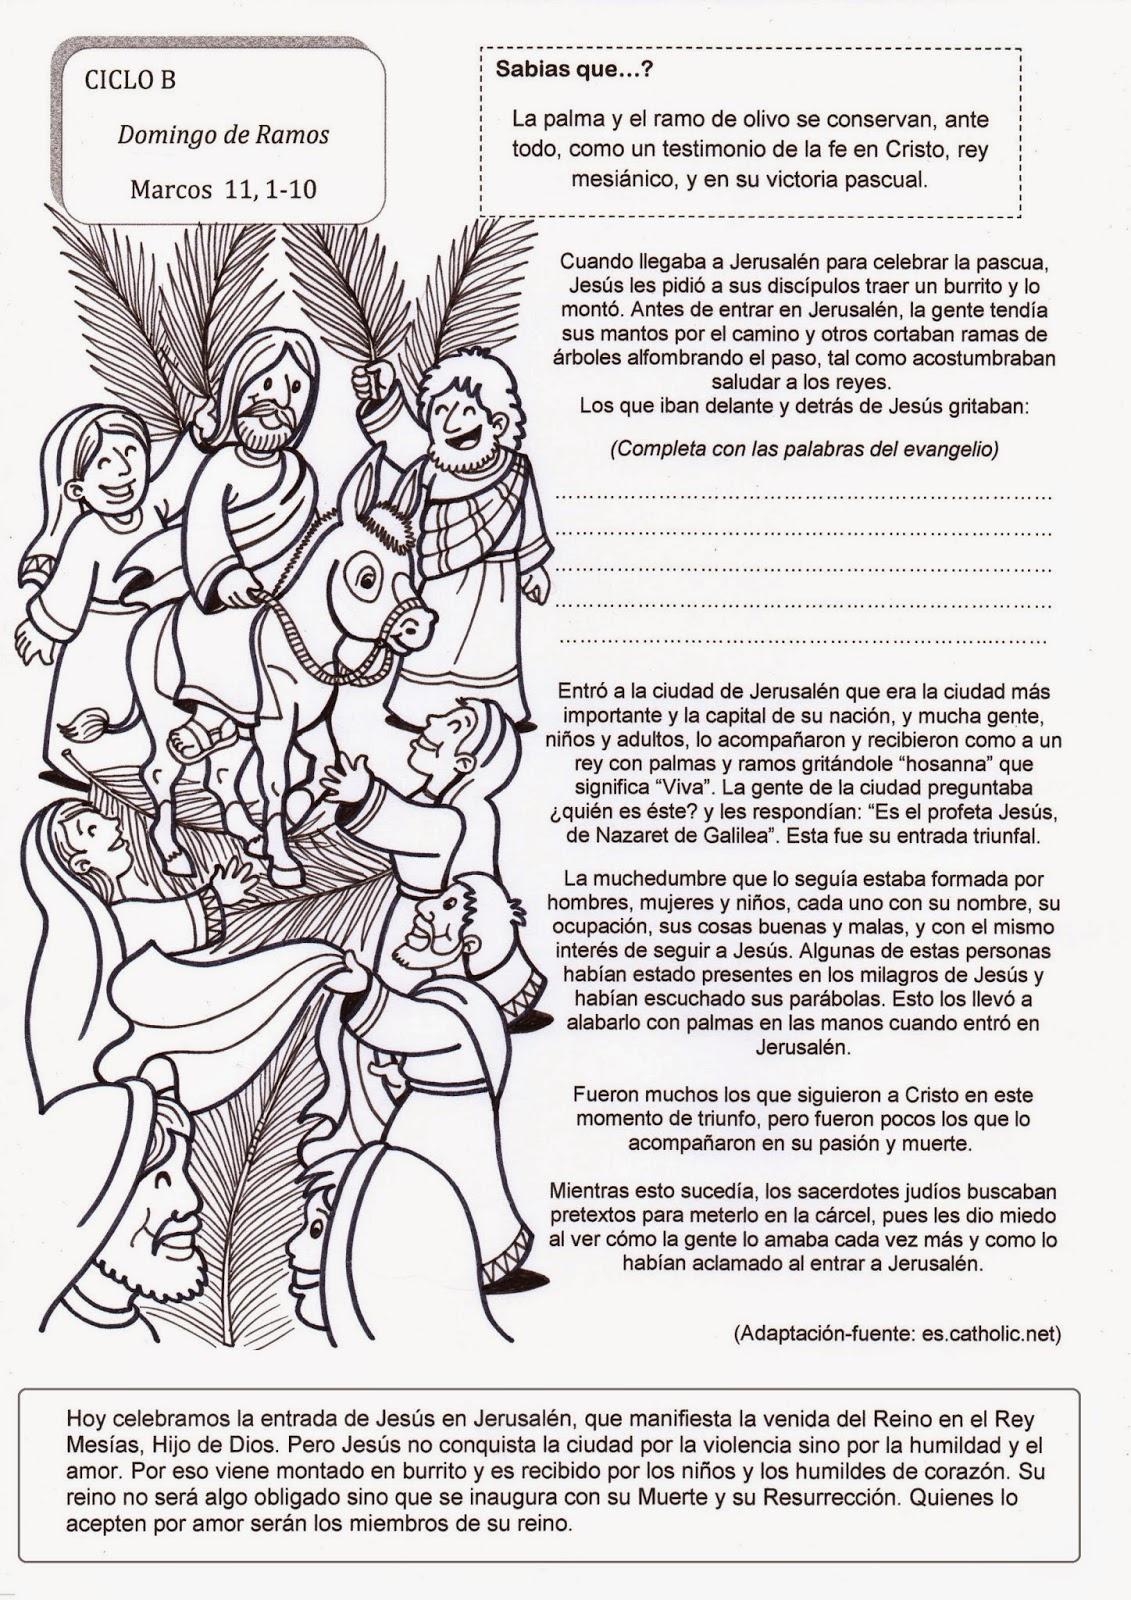 El Rincon De Las Melli Domingo De Ramos